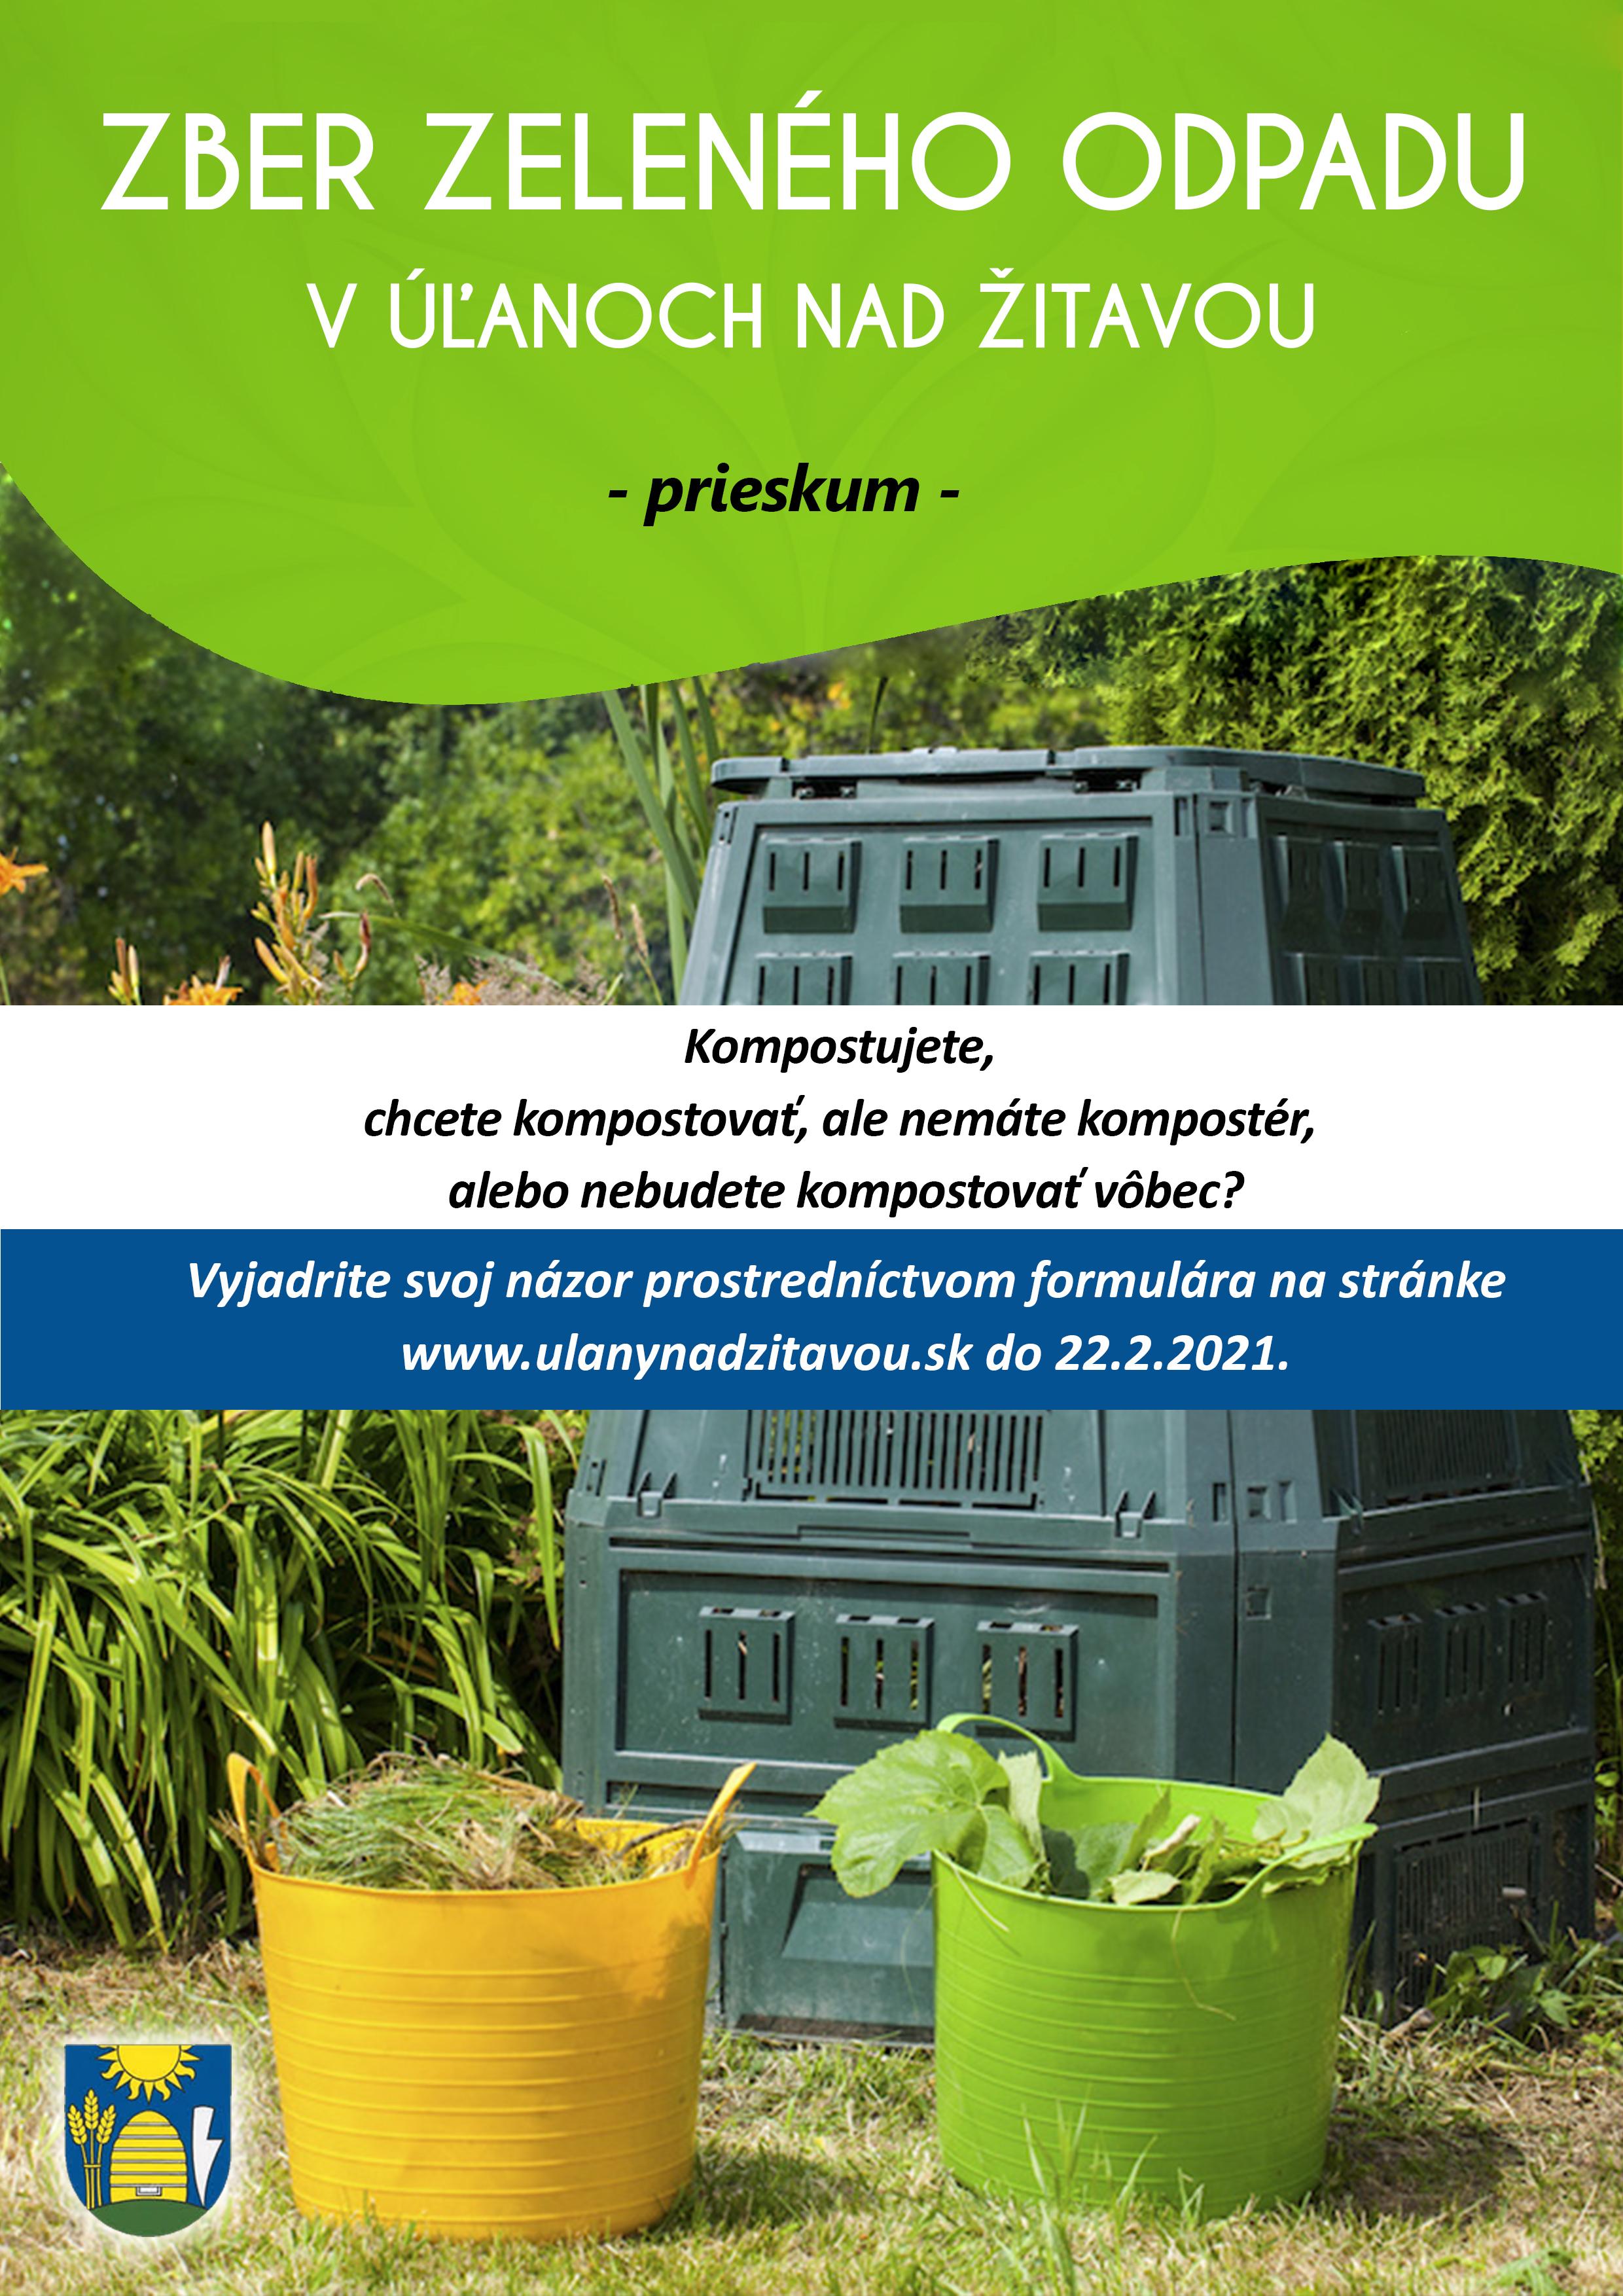 zeleny_odpad